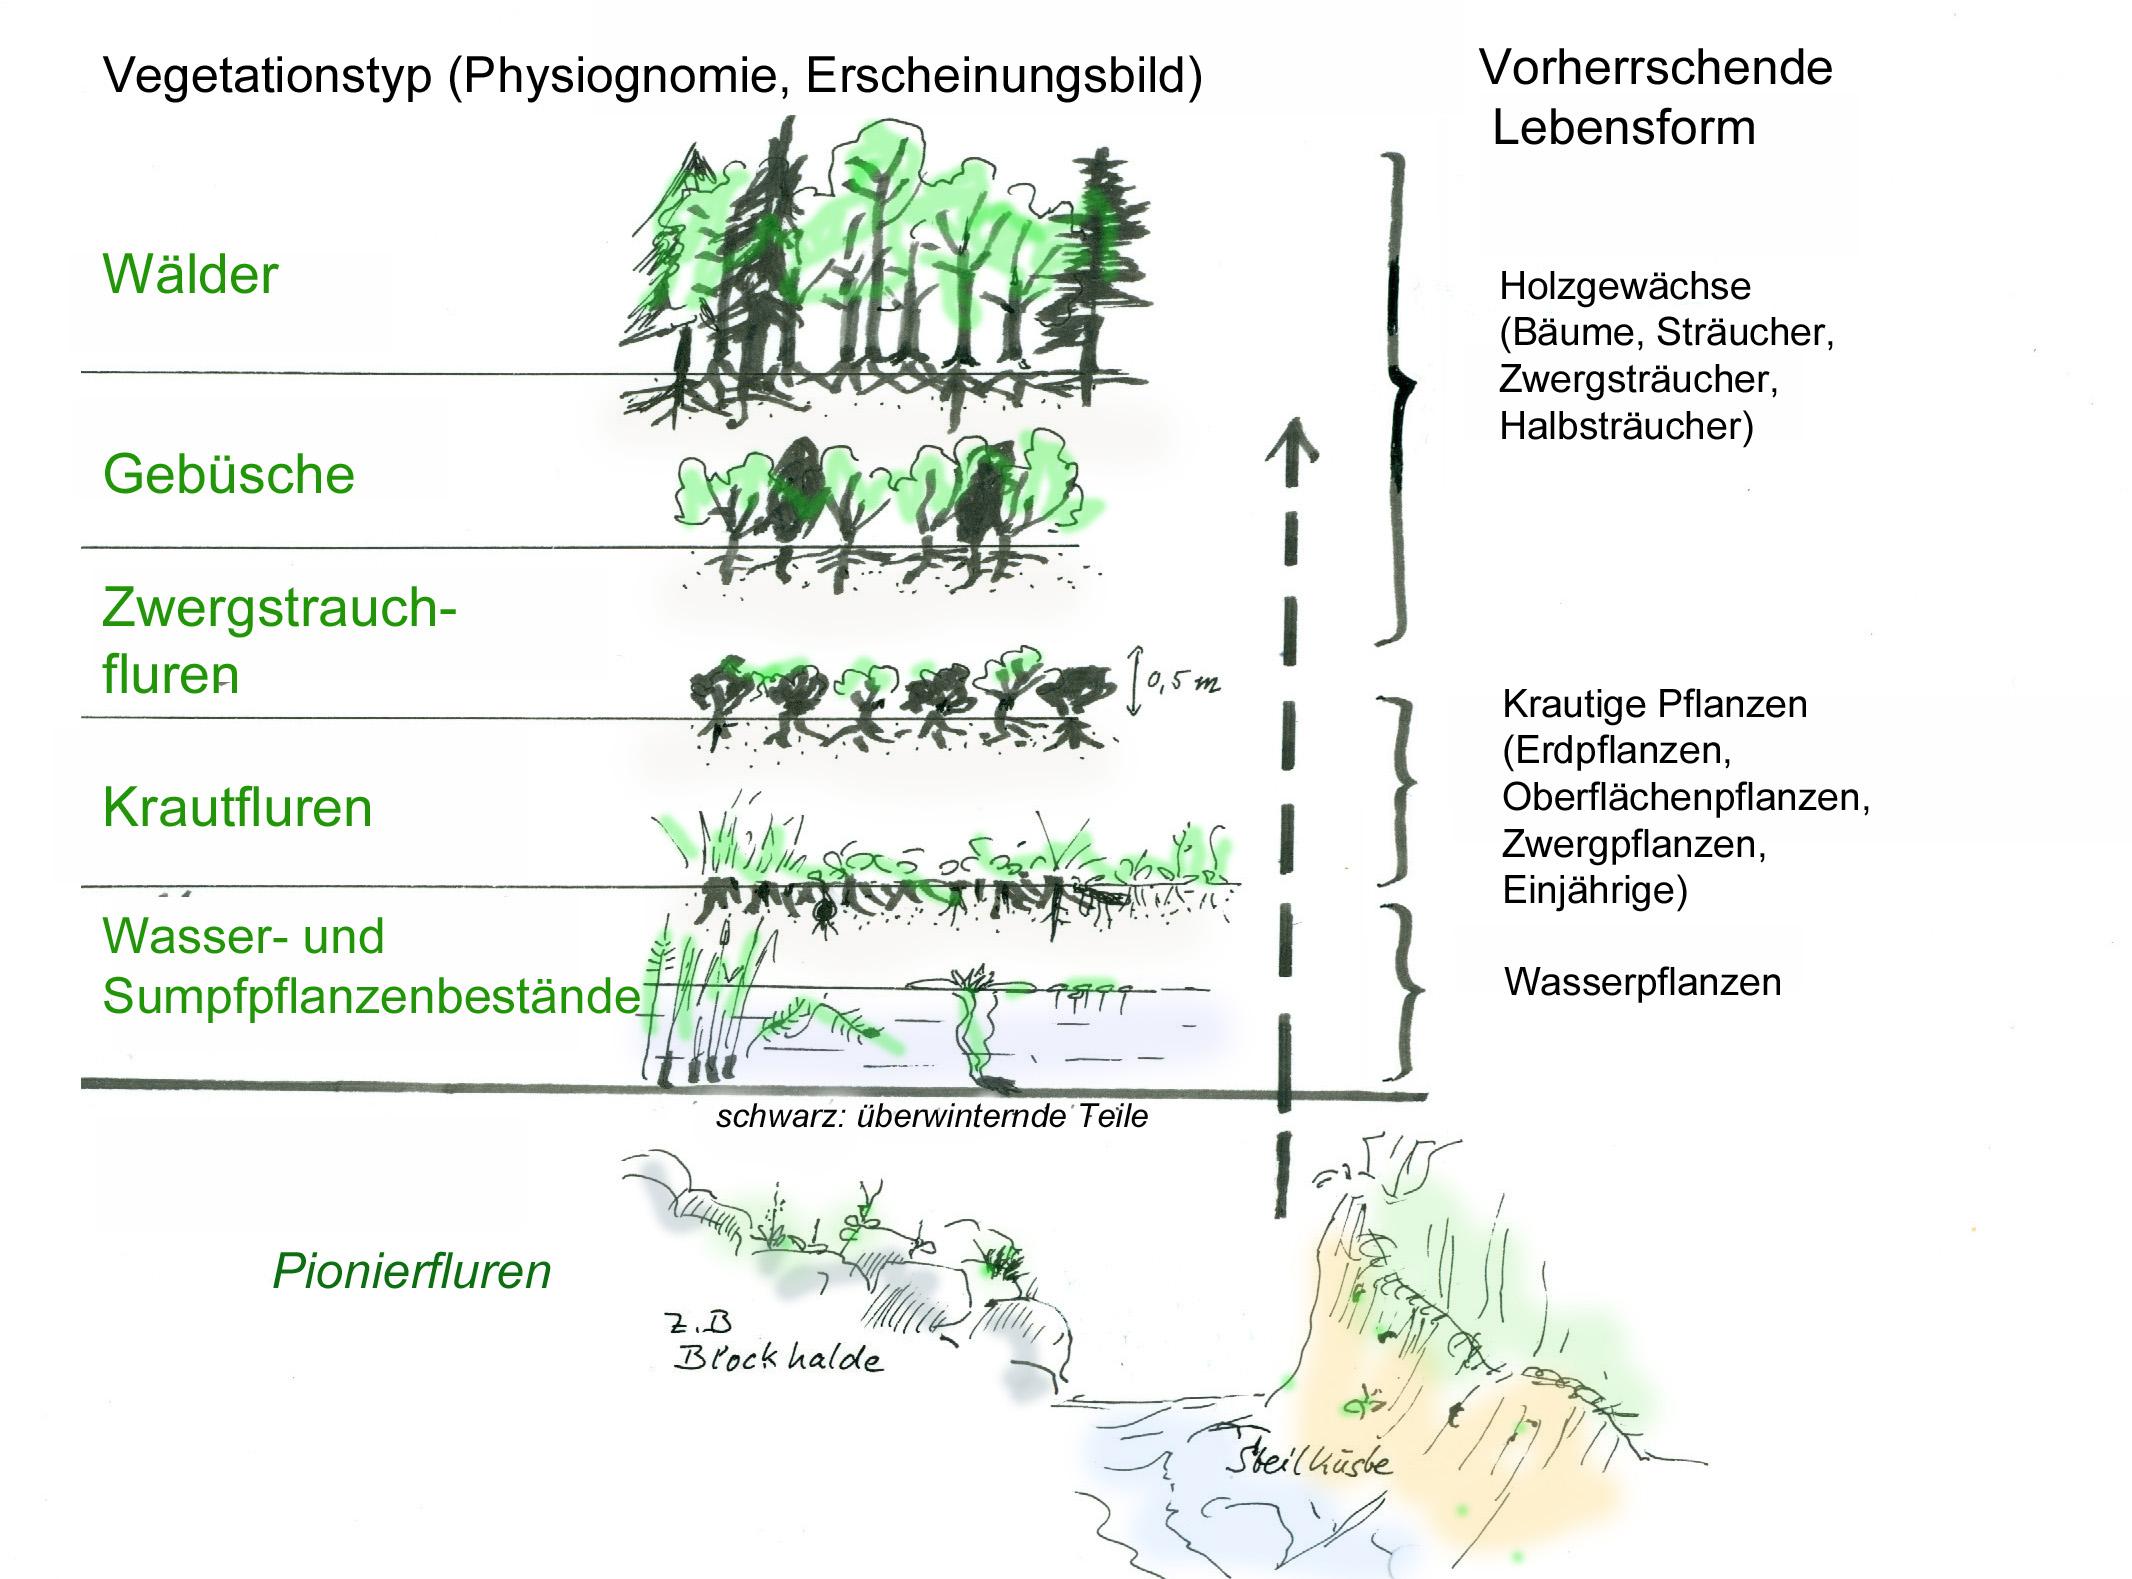 Zusammenhang zwischen Vegetationstyp und Lebensformen